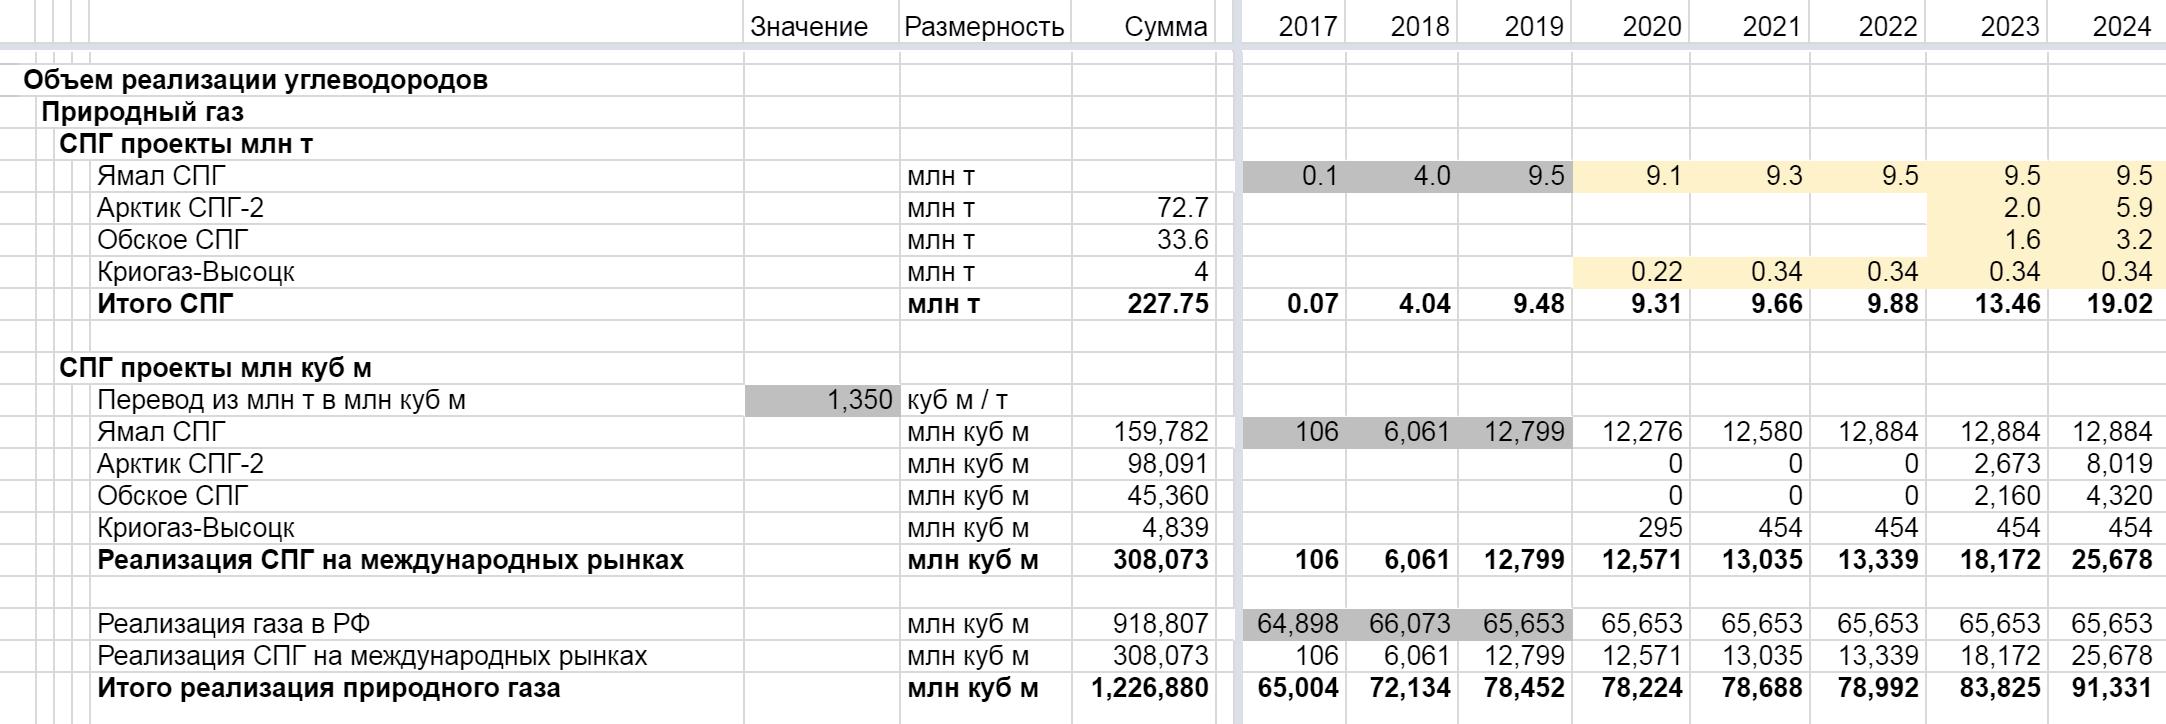 В результате получилась таблица с прогнозом сбыта газа по годам